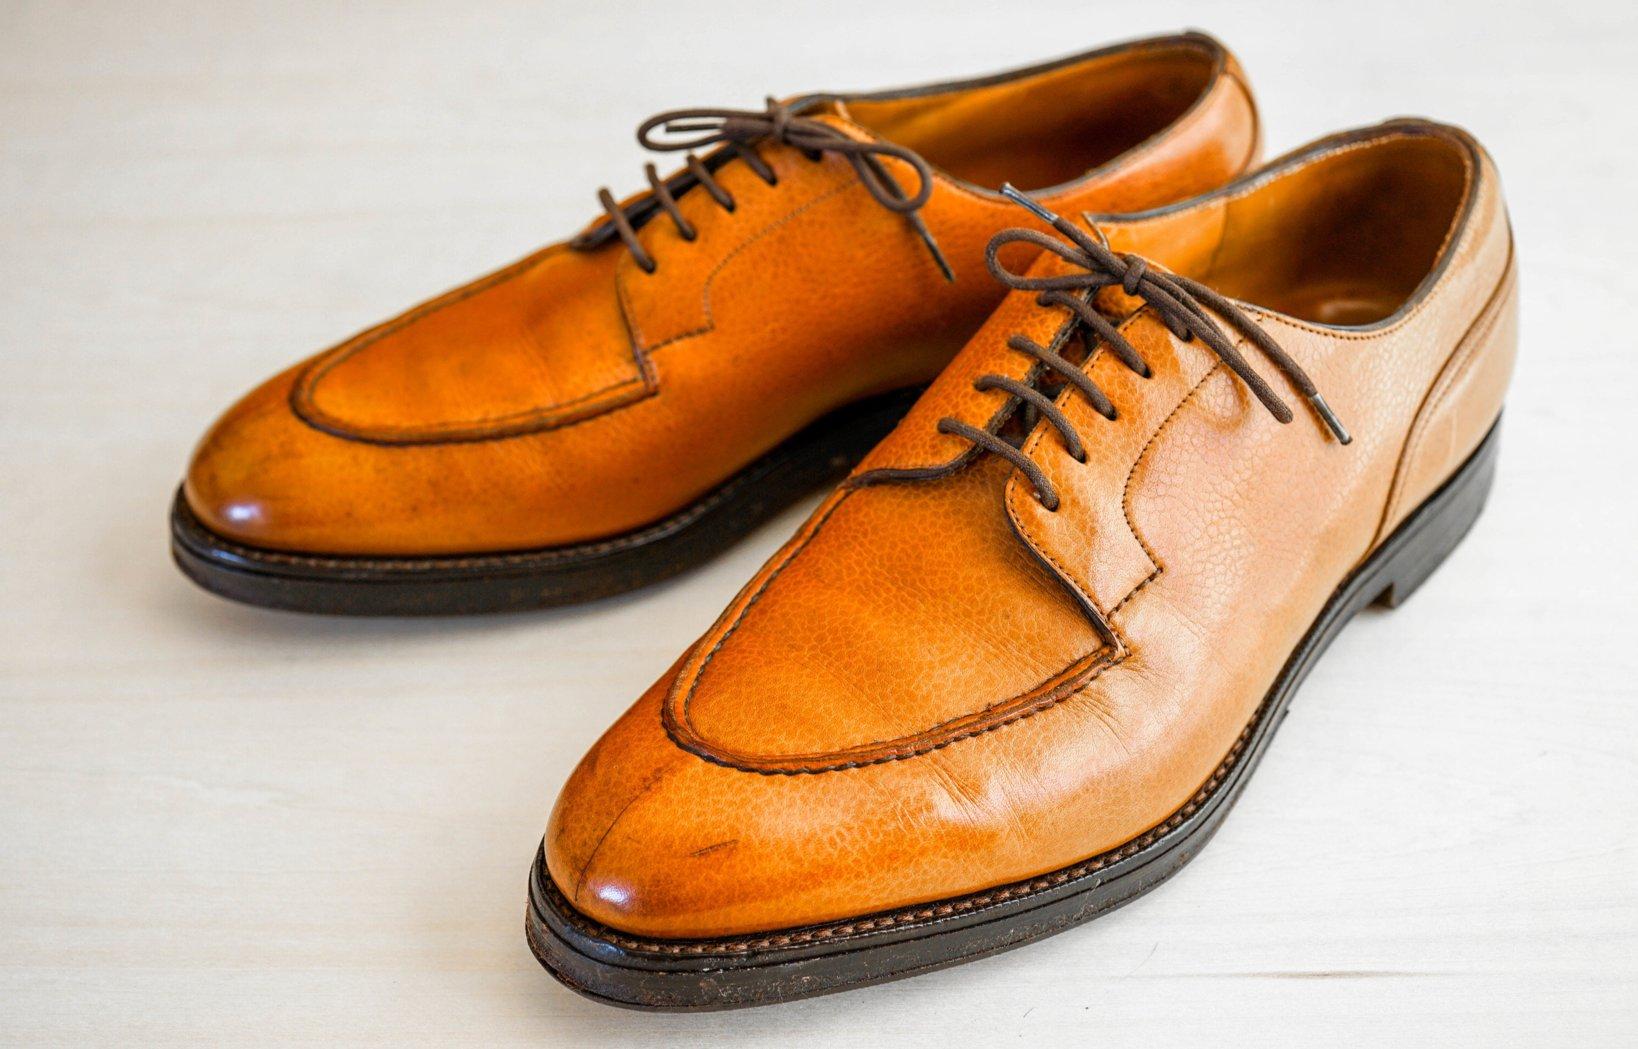 イギリスの靴ブランド「EDWARD GREEN(エドワードグリーン)」のUチップ。モデルは「DOVER(ドーバー)」。lastは202。